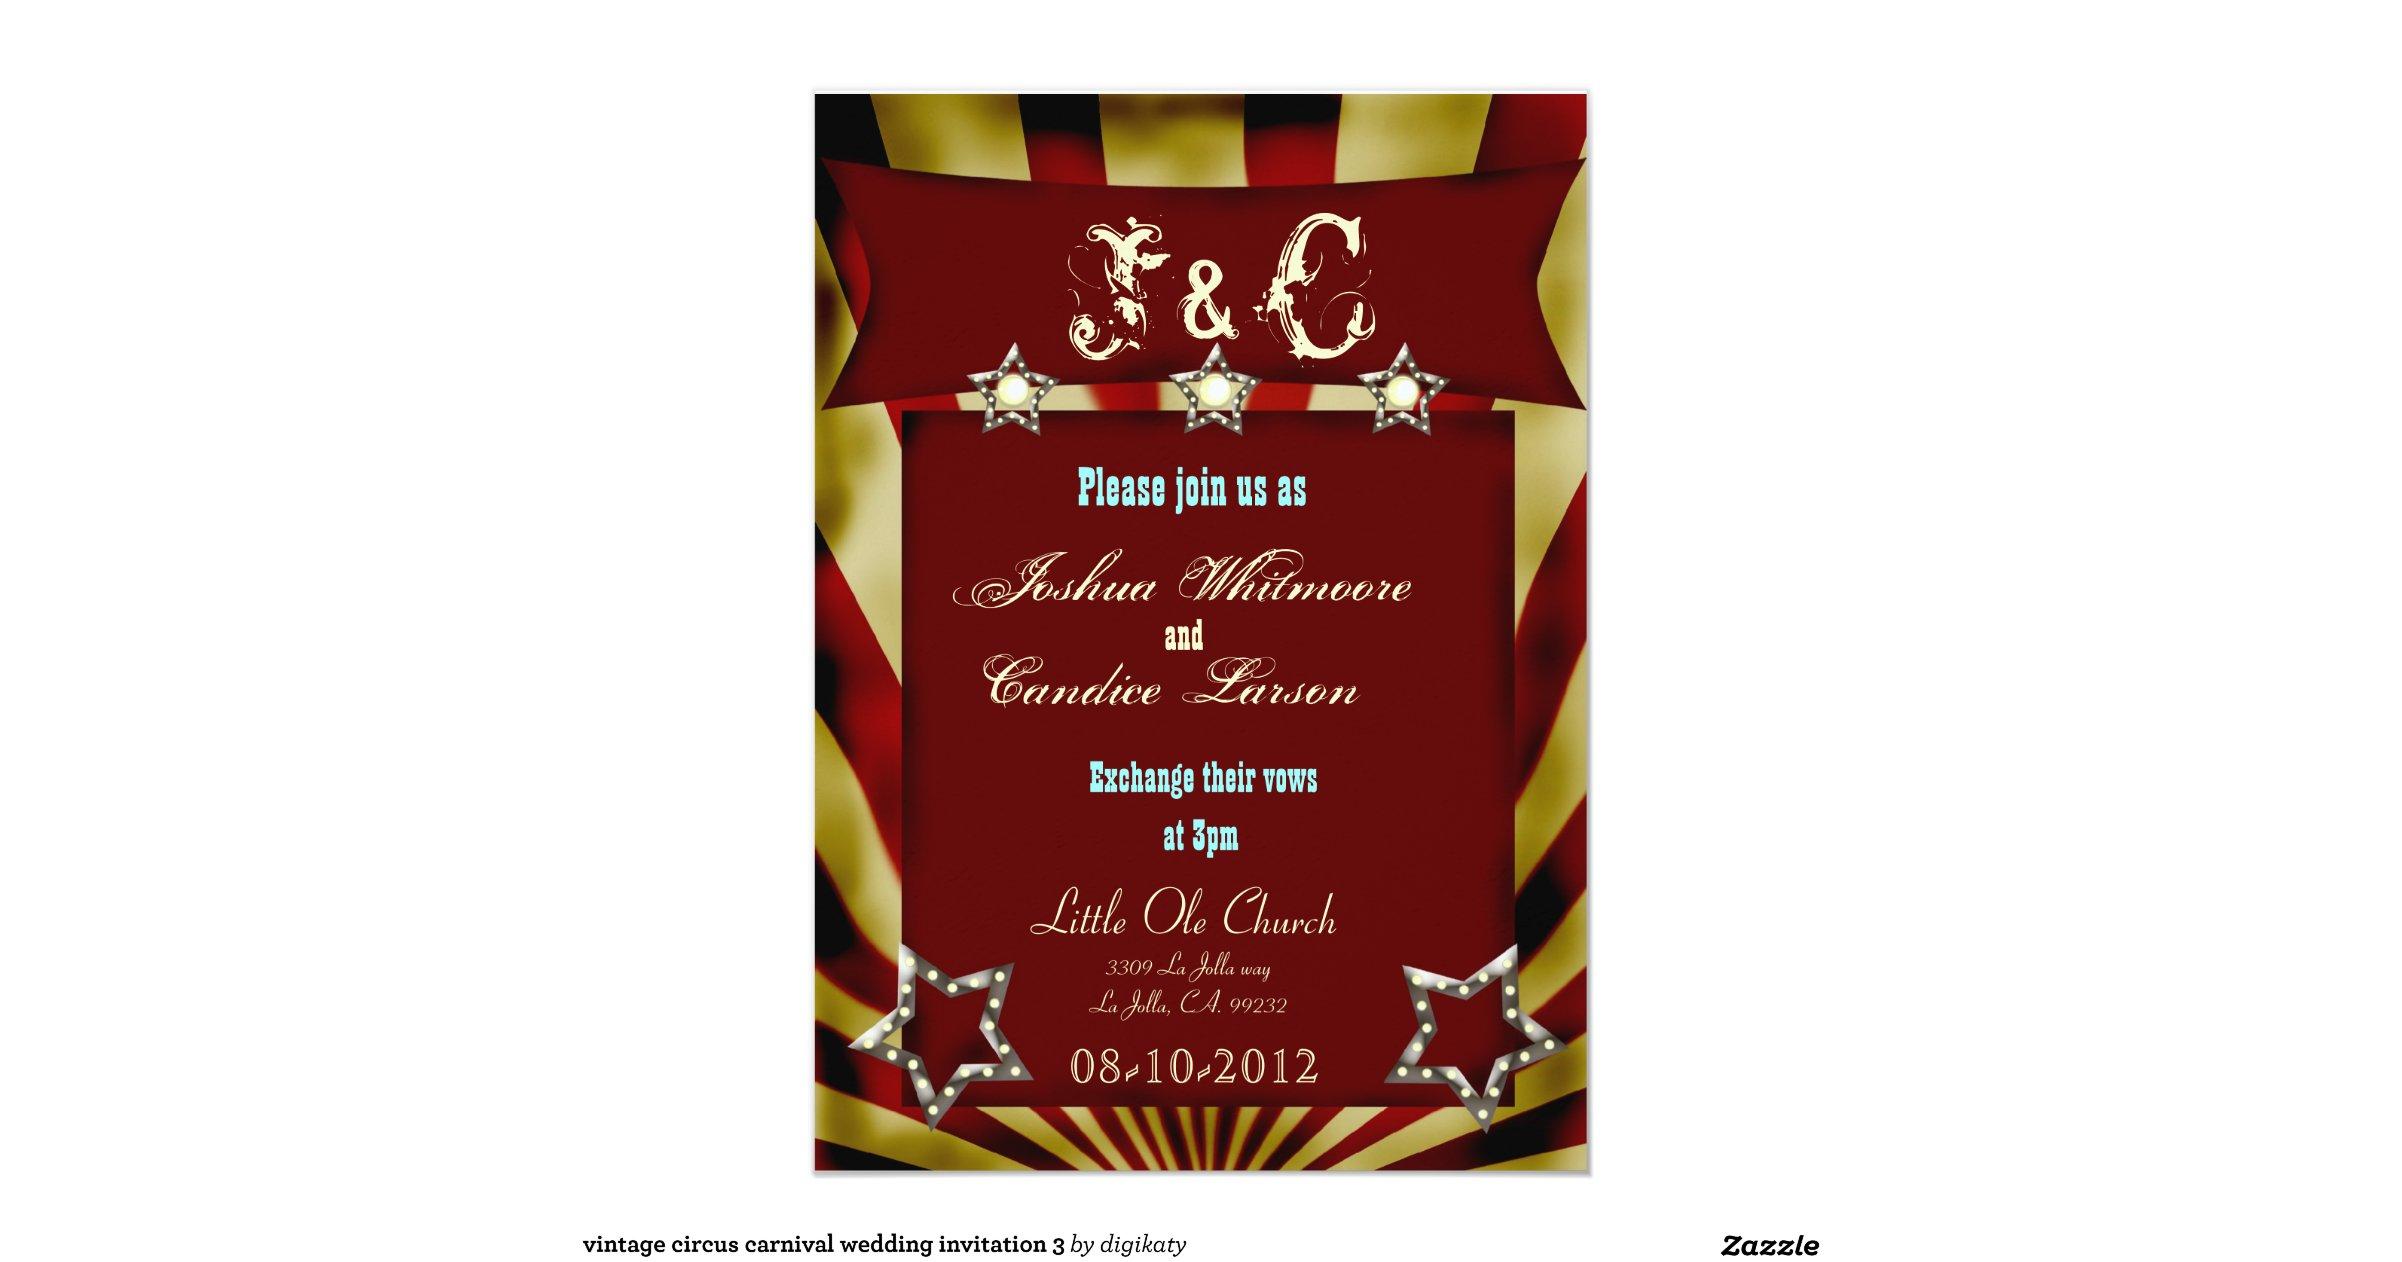 carnival wedding invitations uk - 28 images - diy vintage carnival ...